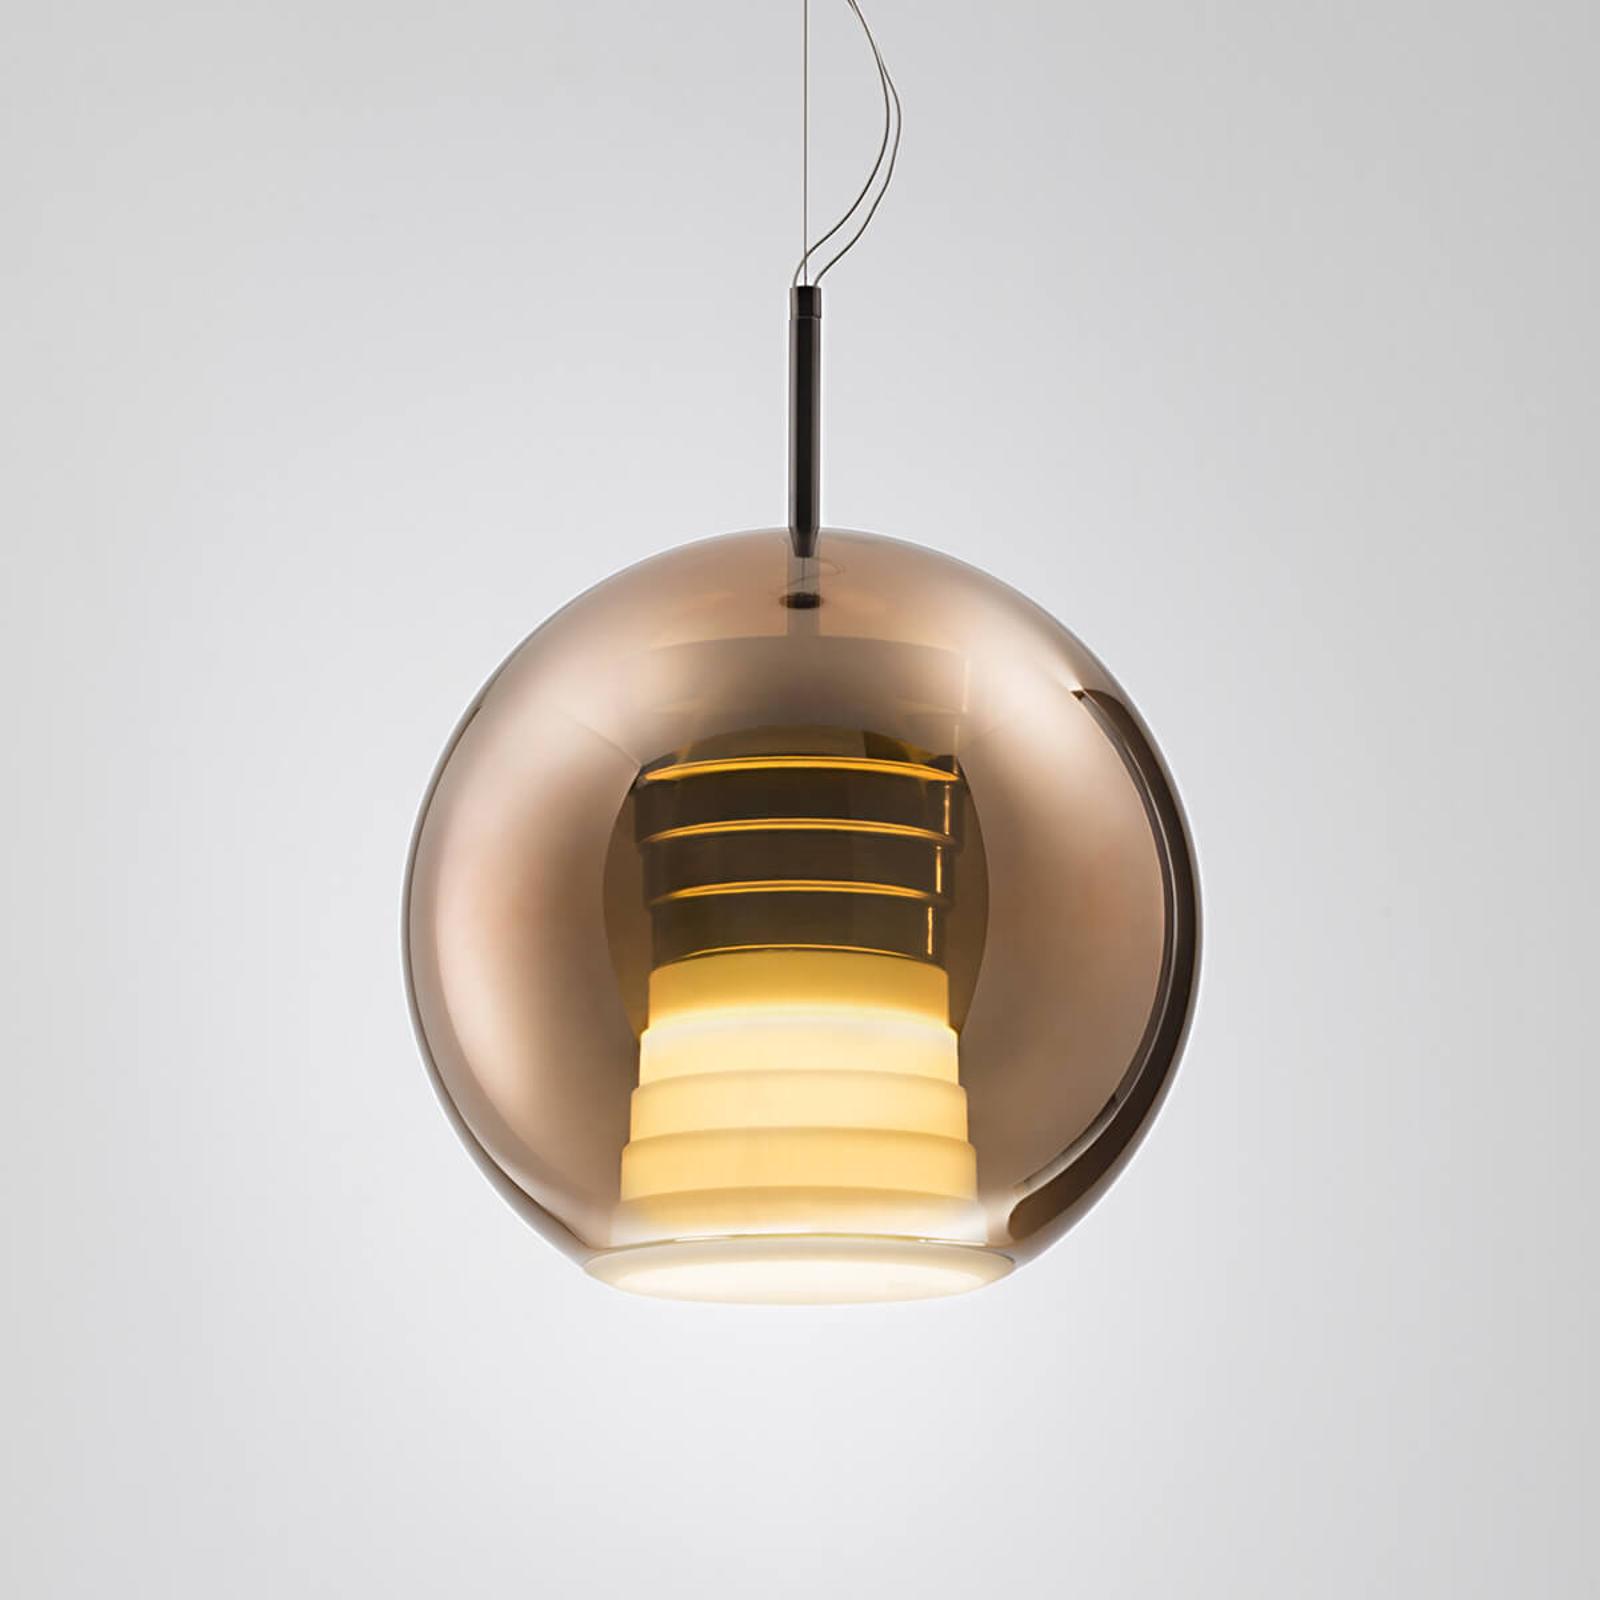 Fabbian Beluga Royal -LED-riippuvalo kupari 30 cm